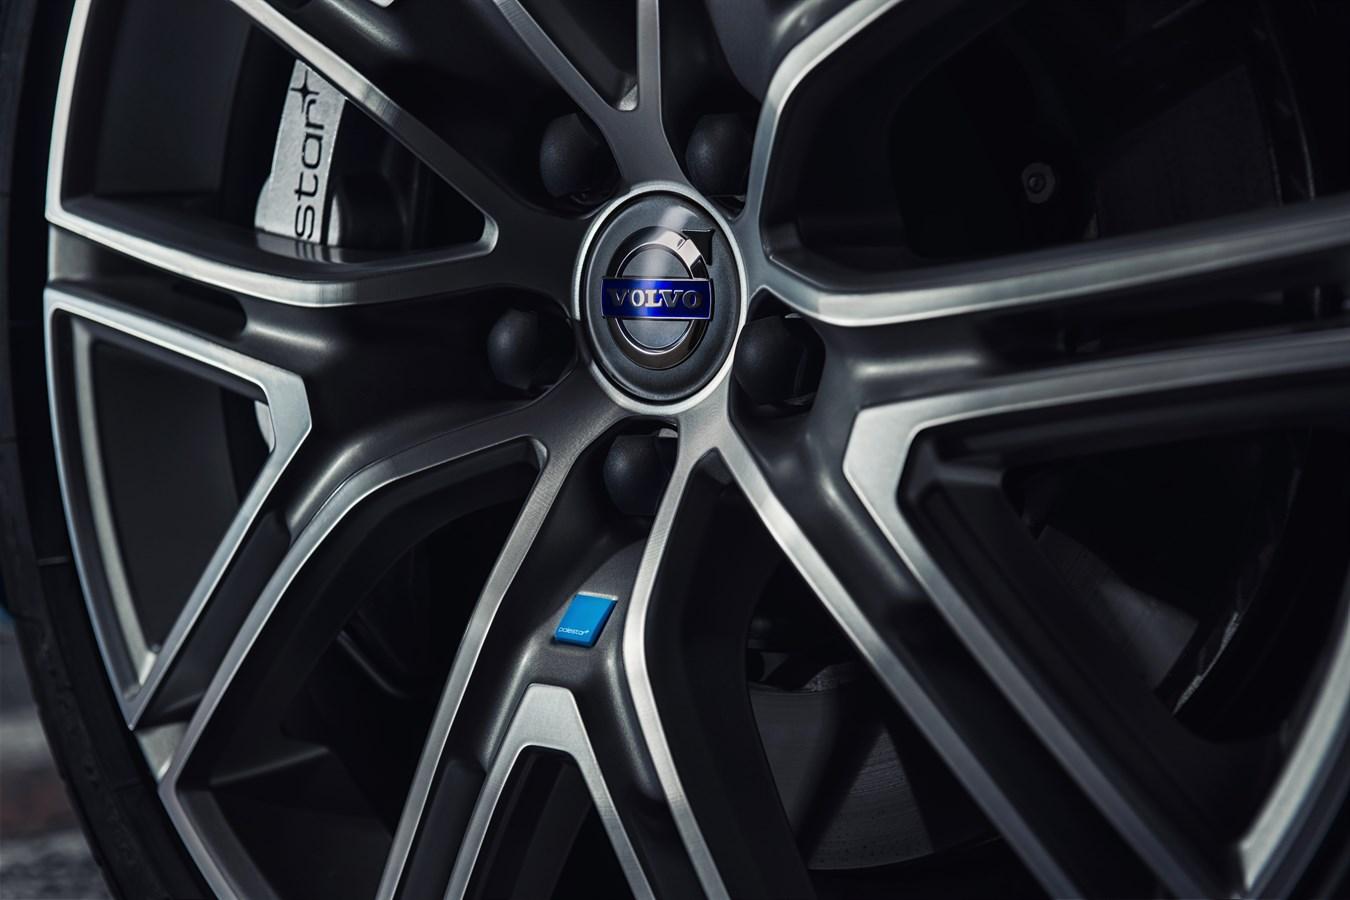 Volvo S60 And V60 Polestar Wheel Volvo Cars Global Media Newsroom